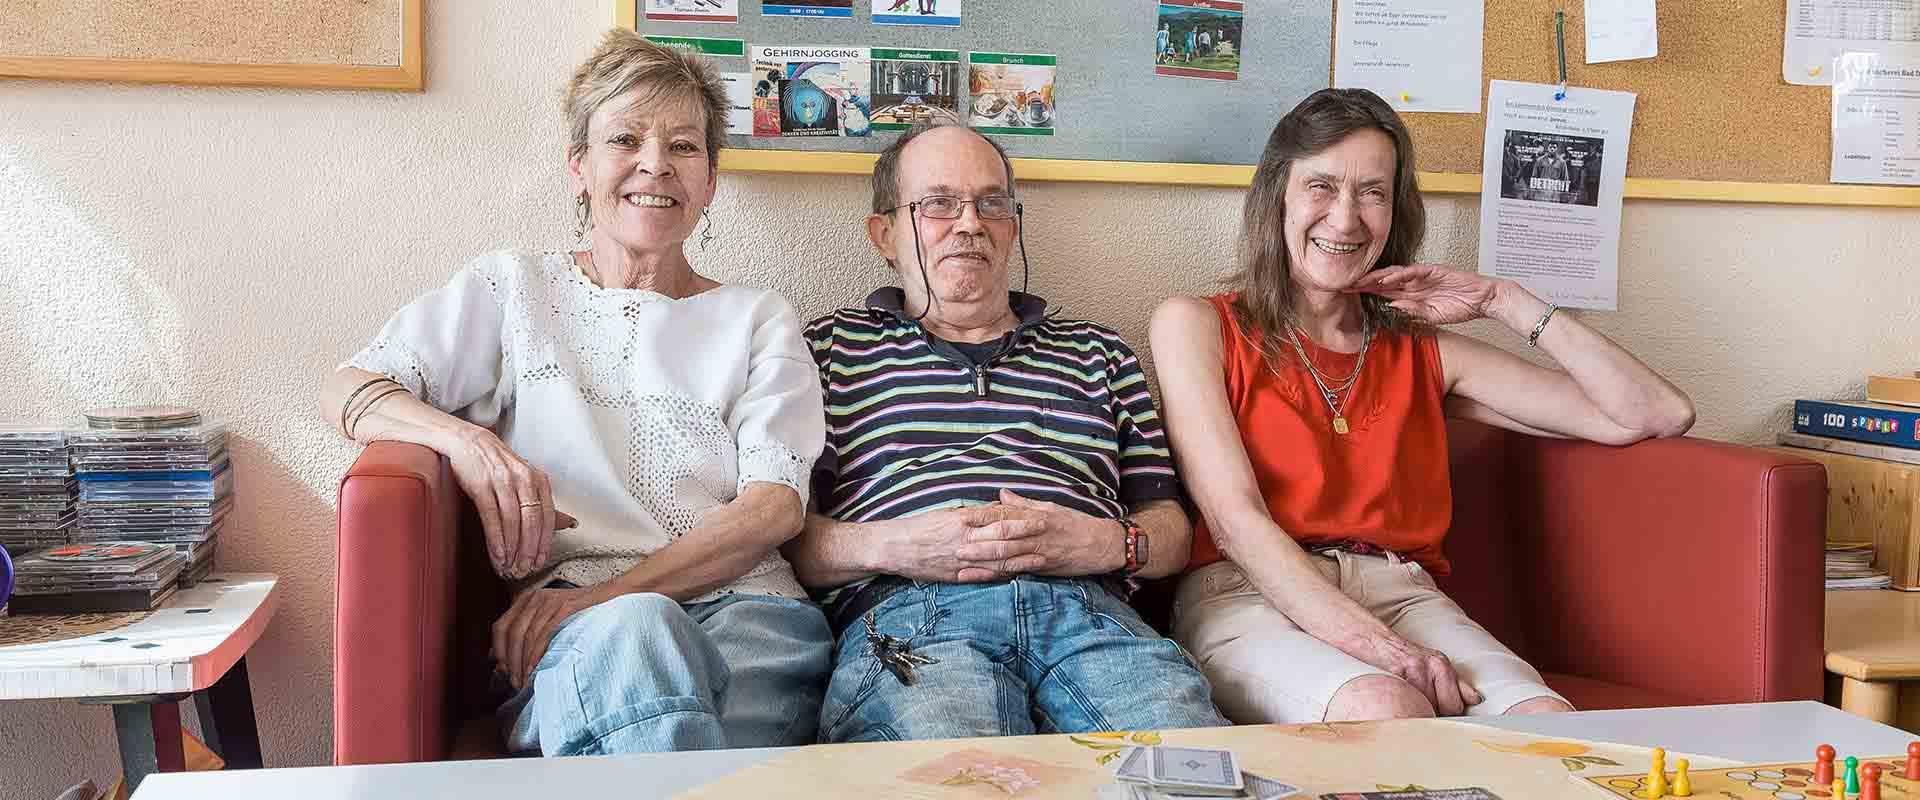 Drei Patienten sitzen auf dem Sofa im MEDIAN Soziotherapeutischs Zentrum Bad Dürkheim